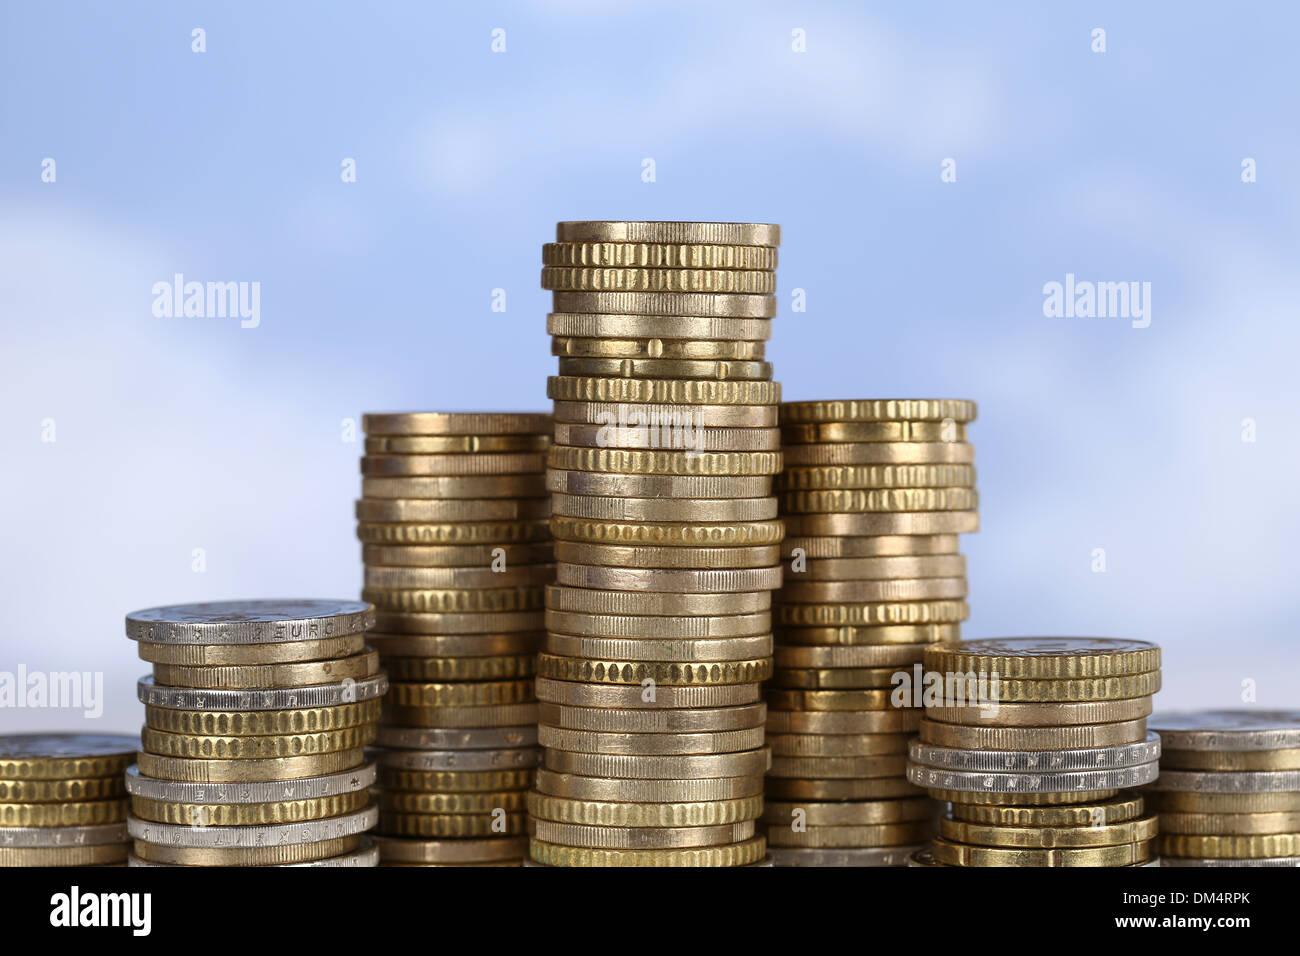 Un grafico di monete con l'argomento di successo, leader e vincitore Immagini Stock